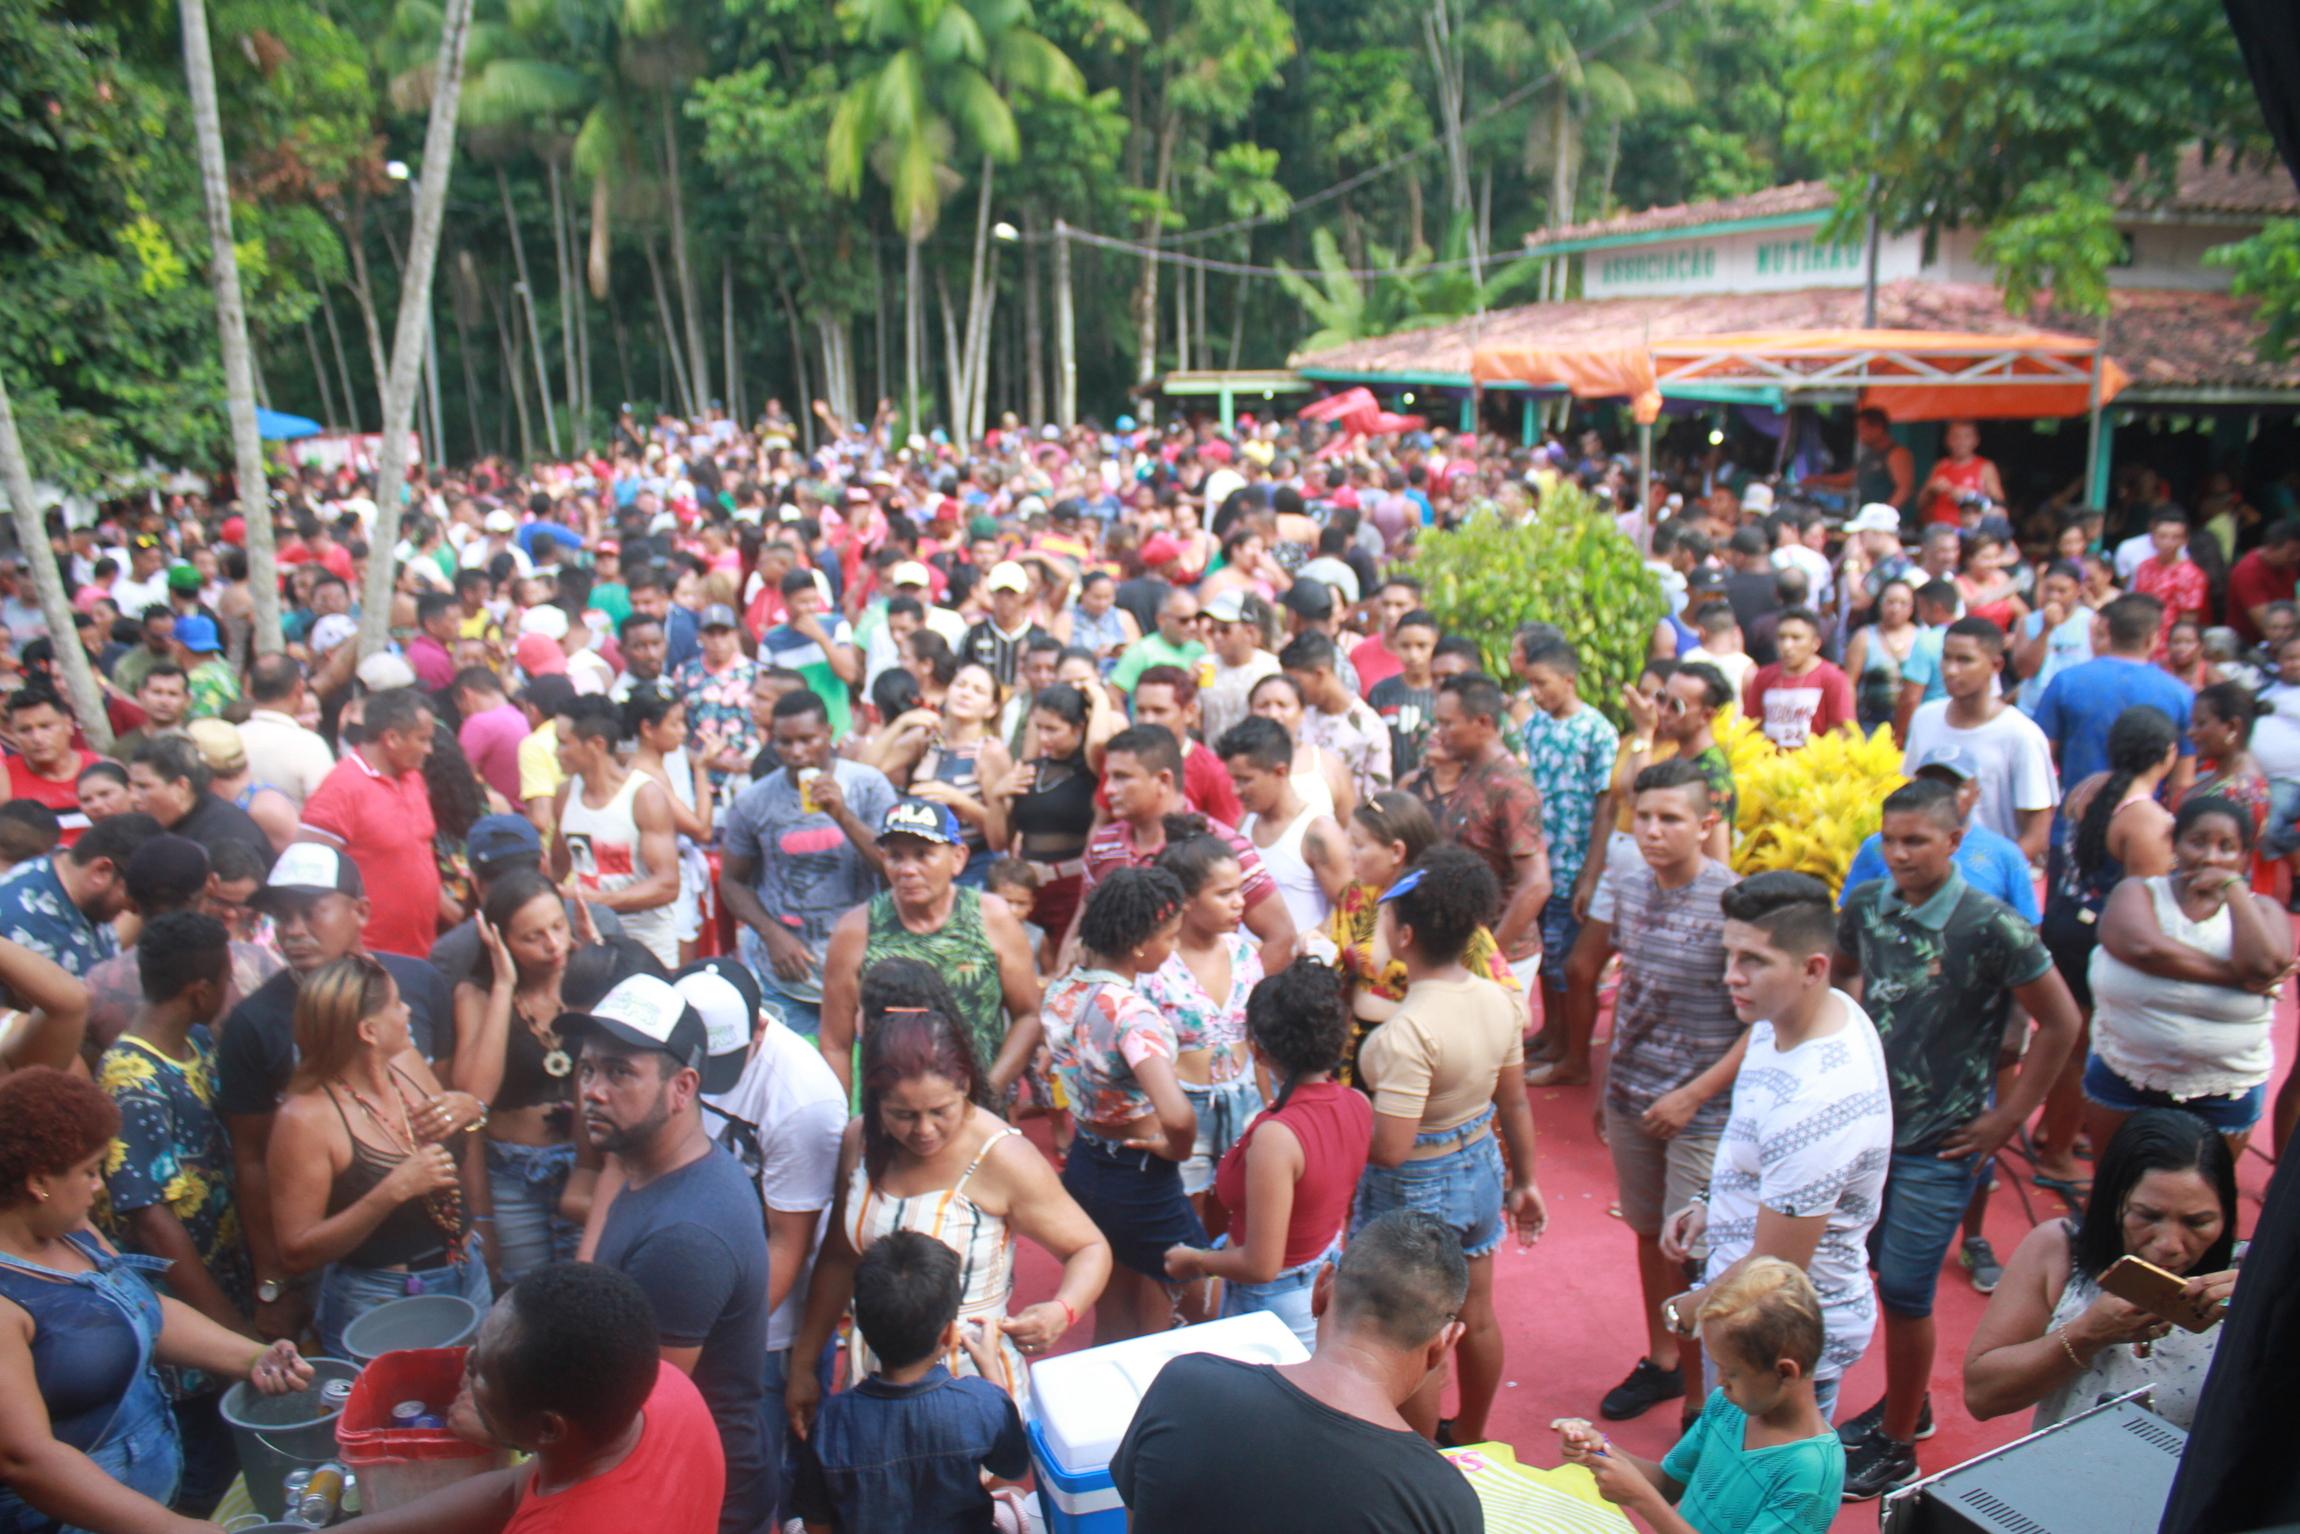 XV Festival do açaí orgânico 2019 da Associação Mutirão Igarapé-Miri no Pará